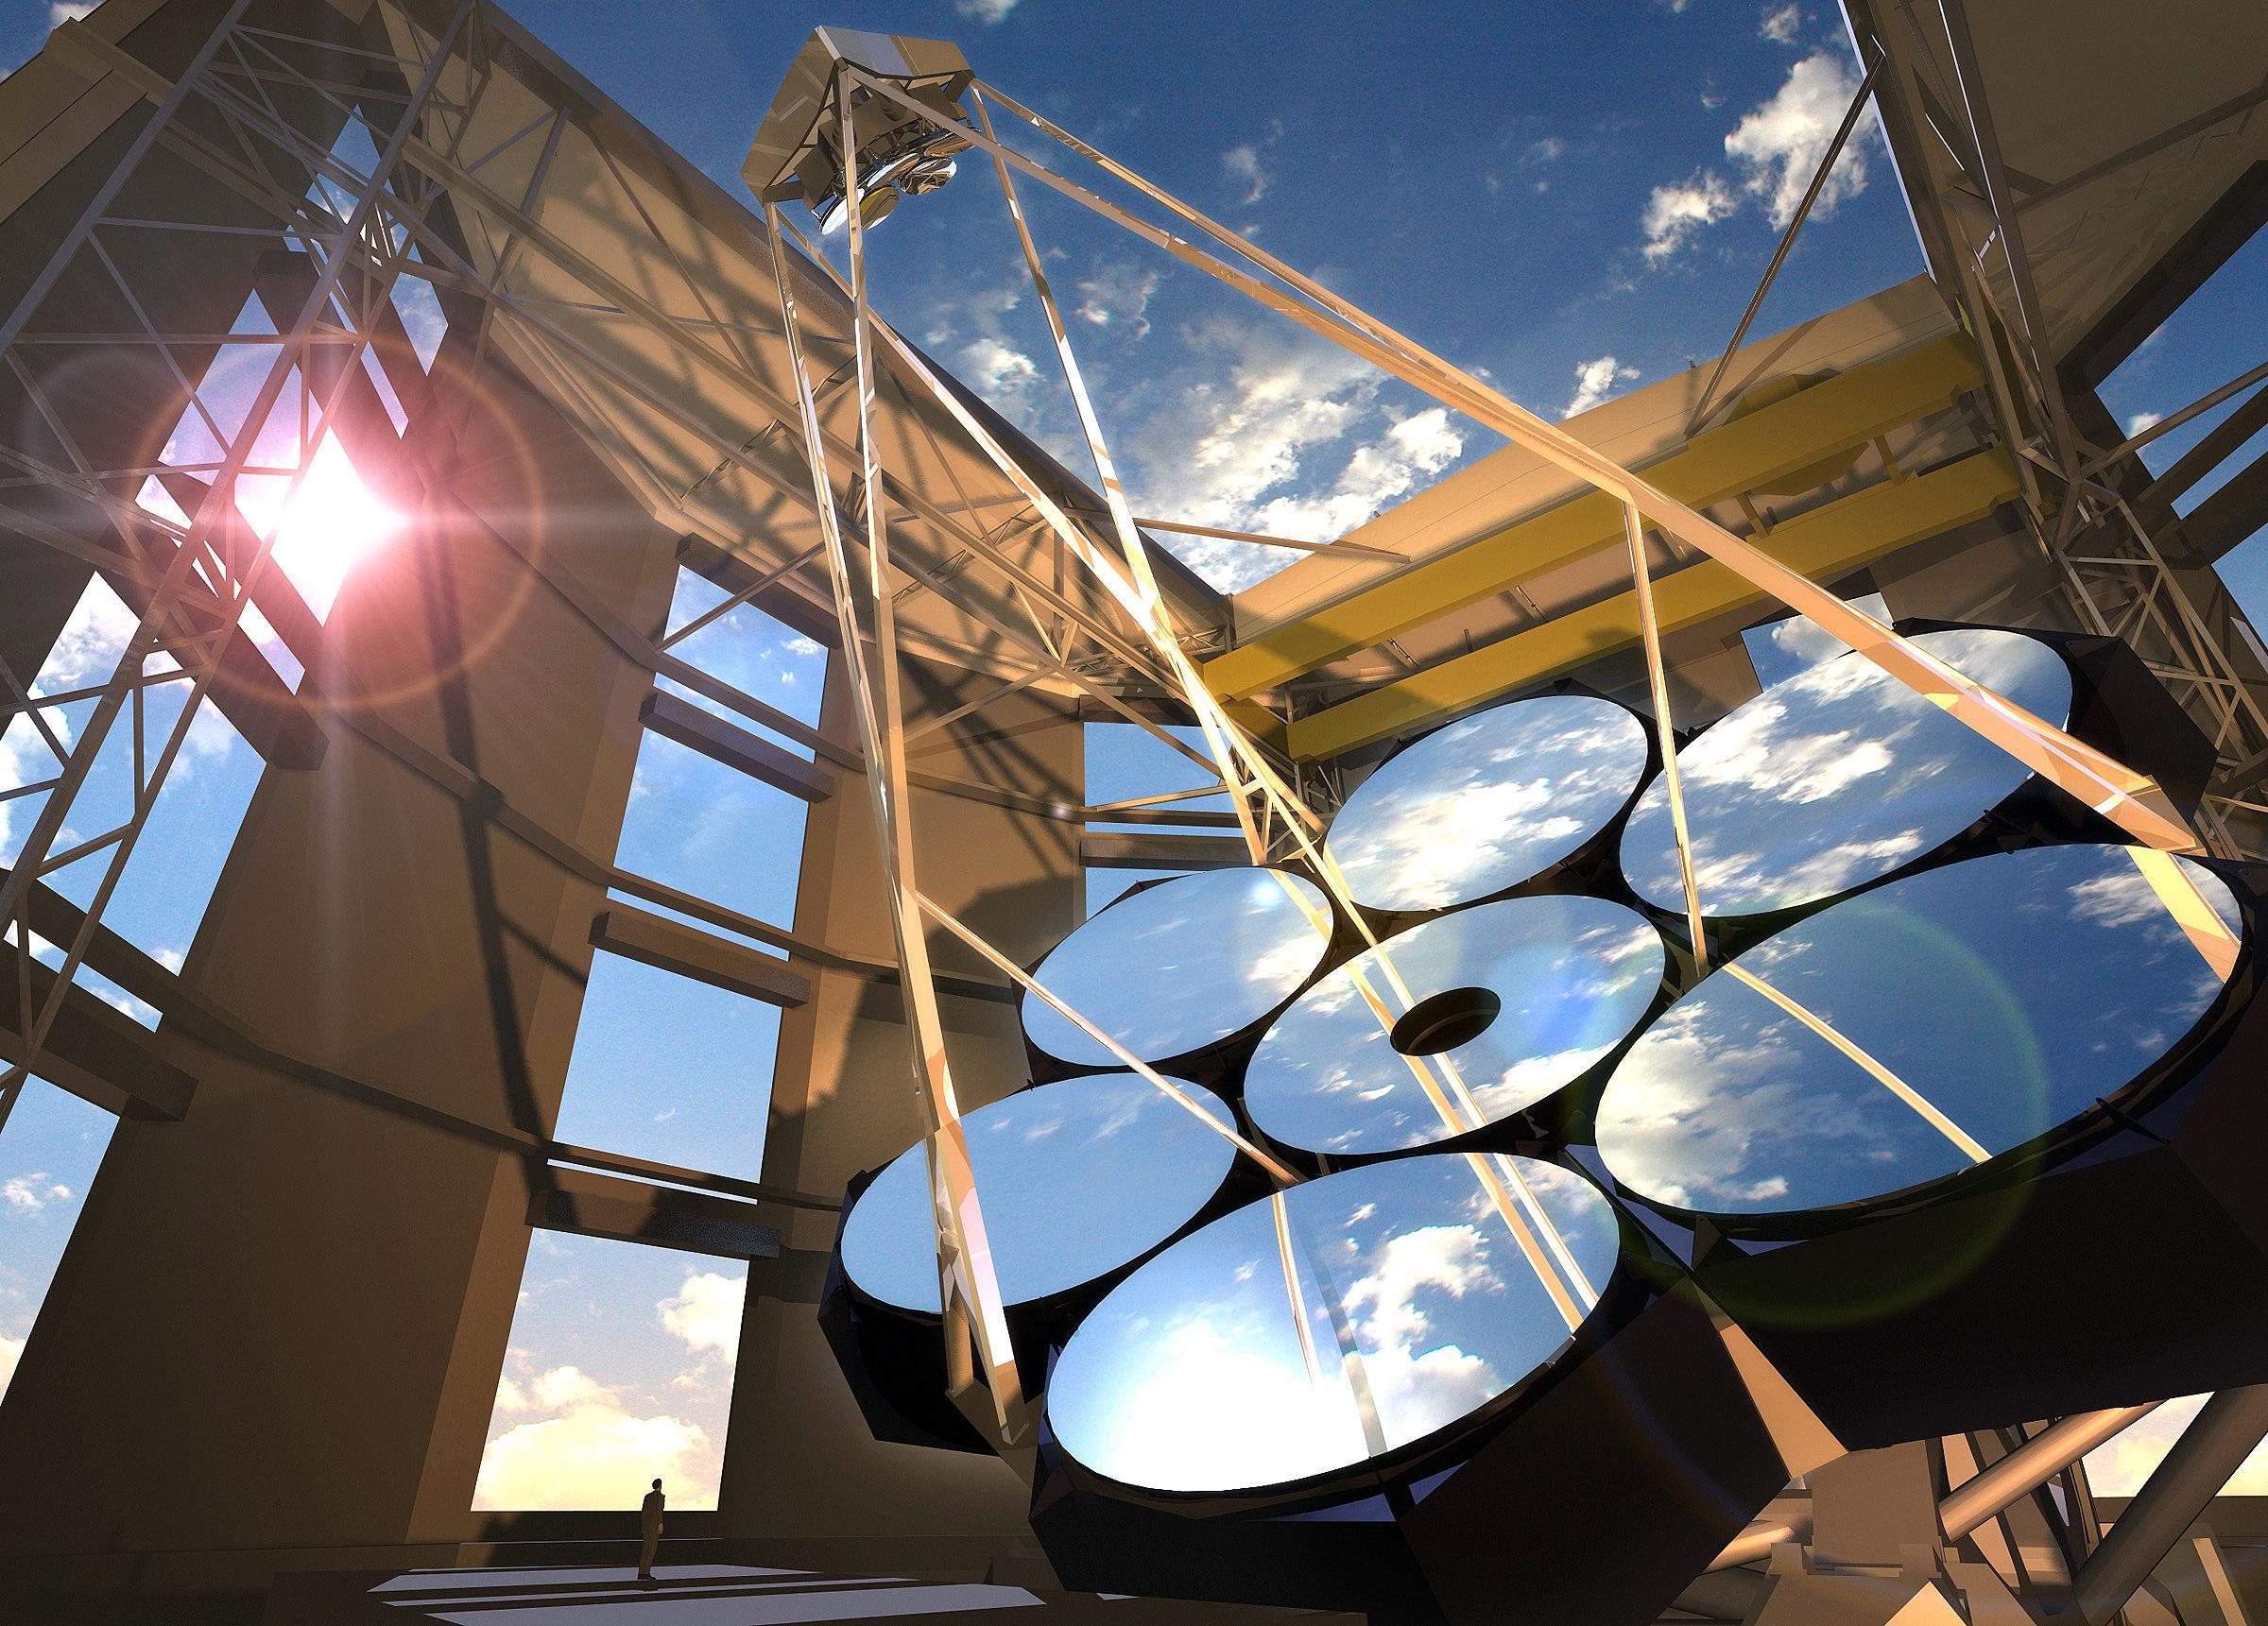 Espelhos gigantes para telescópios: uma das aplicações do concreto óptico desenvolvido na Holanda